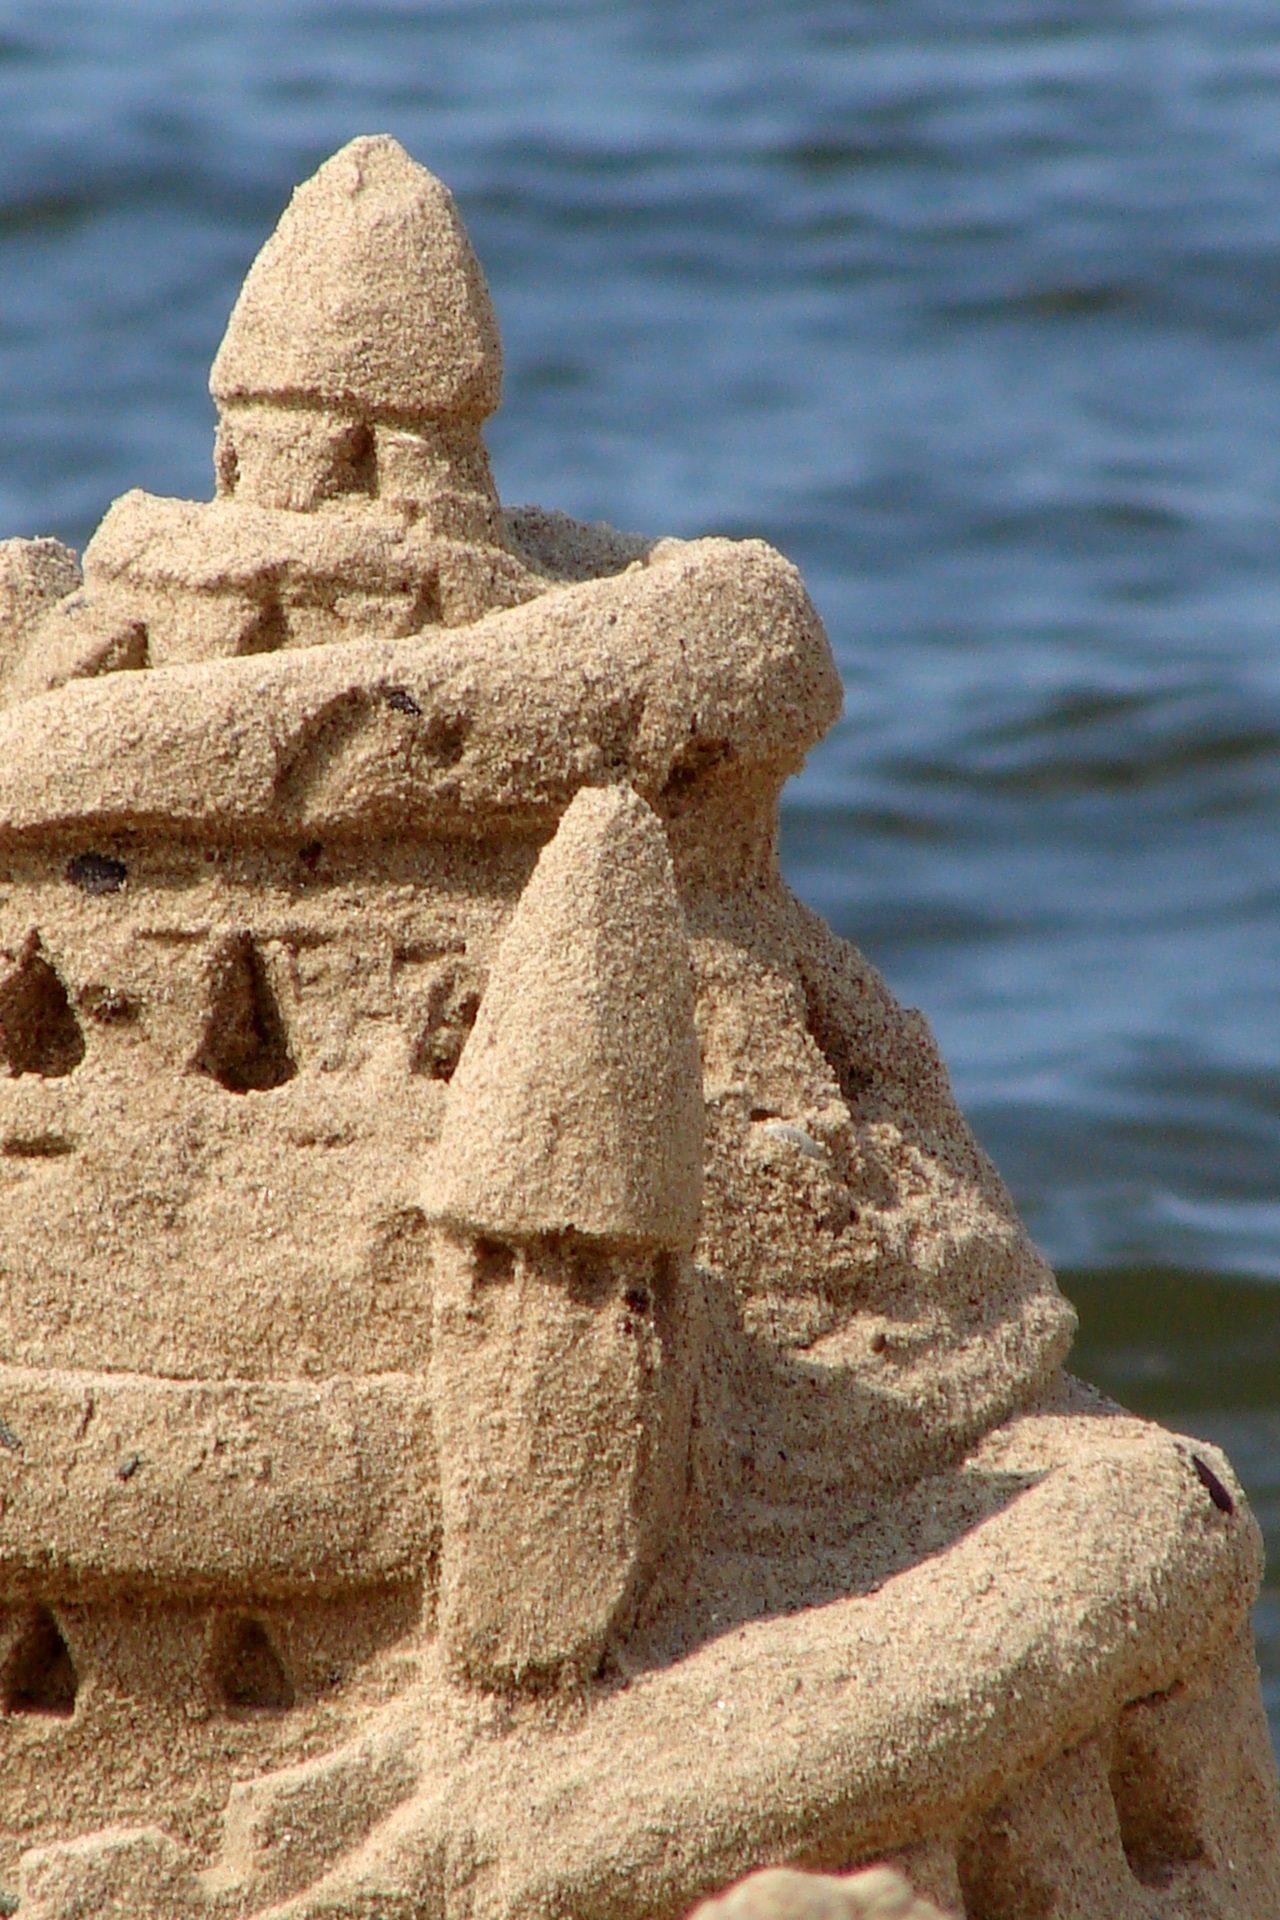 Château, sable, Plage, Tour, Mer, eau - Fonds d'écran HD - Professor-falken.com